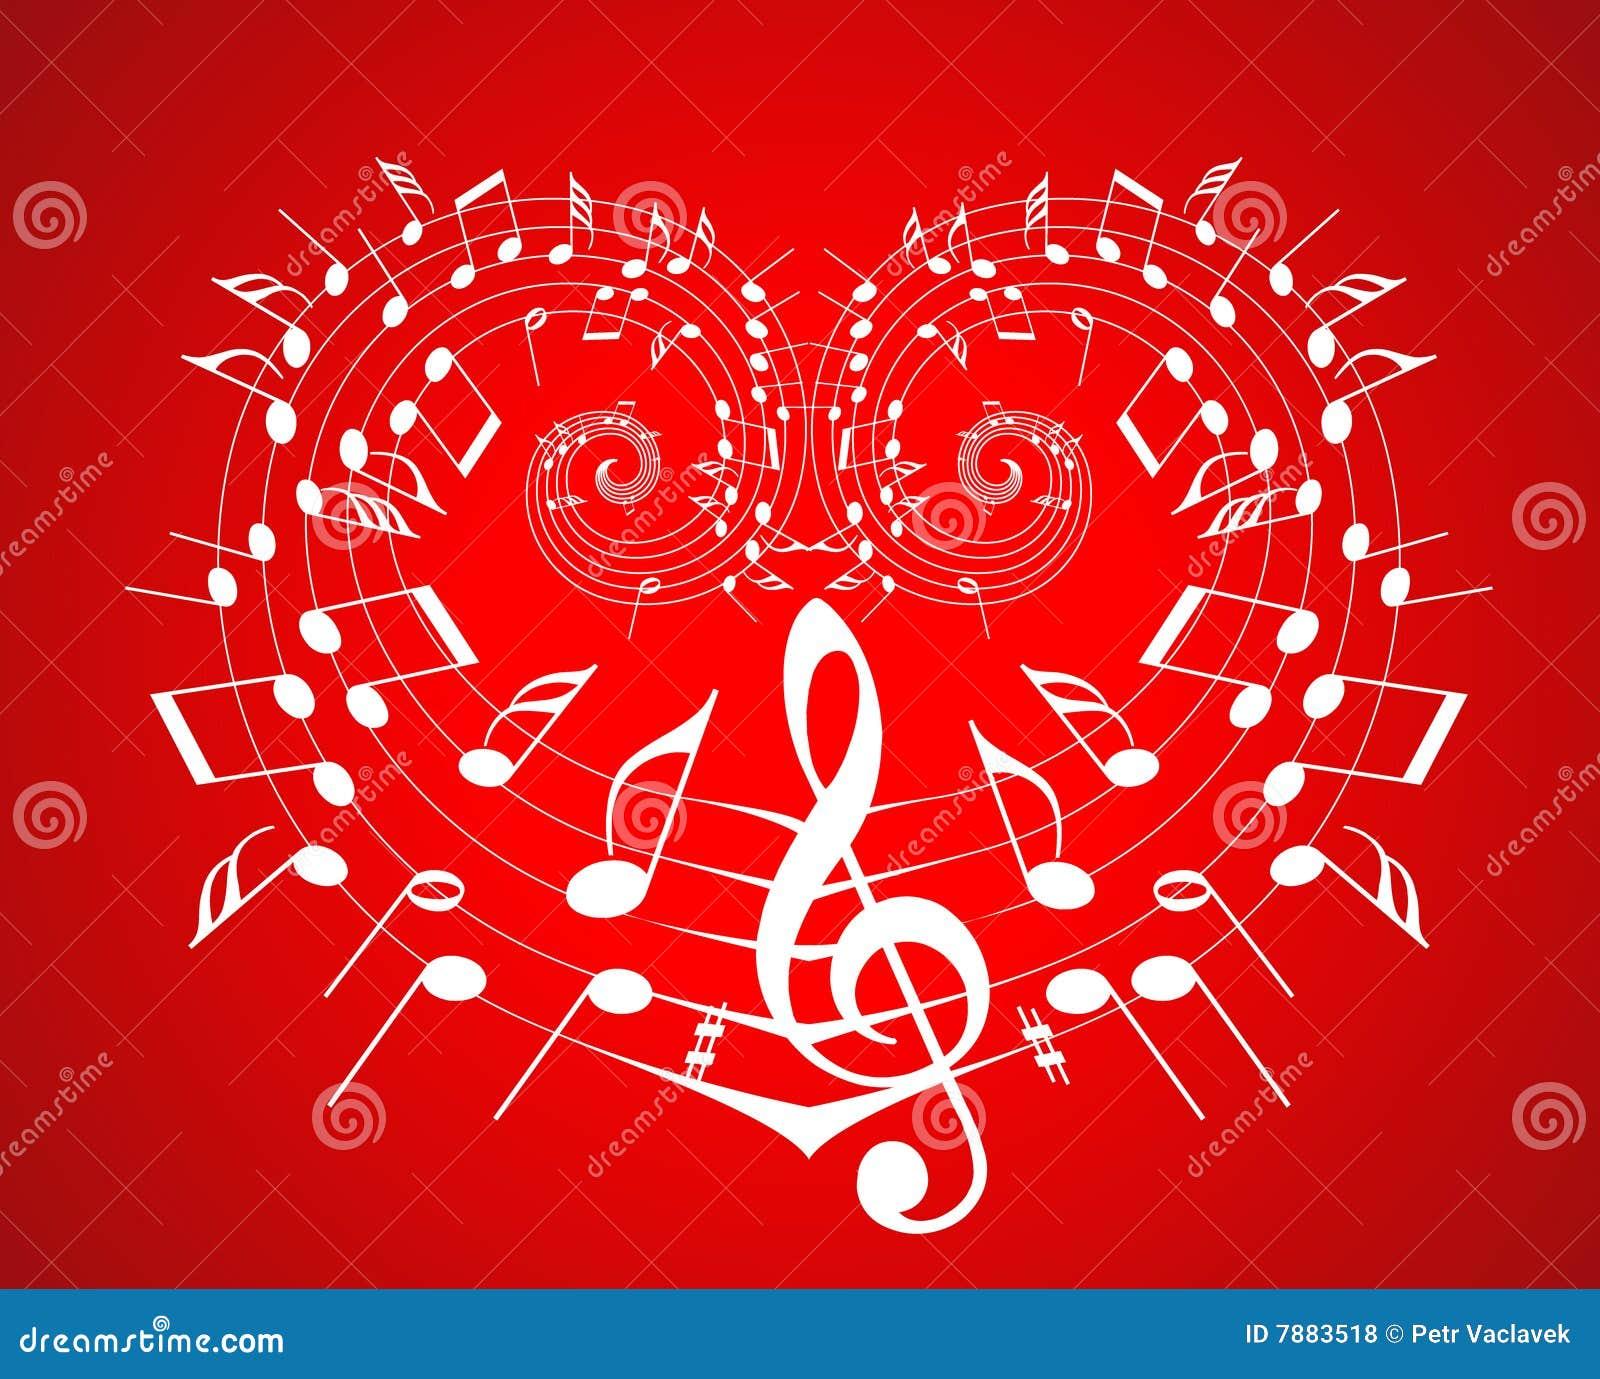 San - Instrumental Music Of The Kalahari San